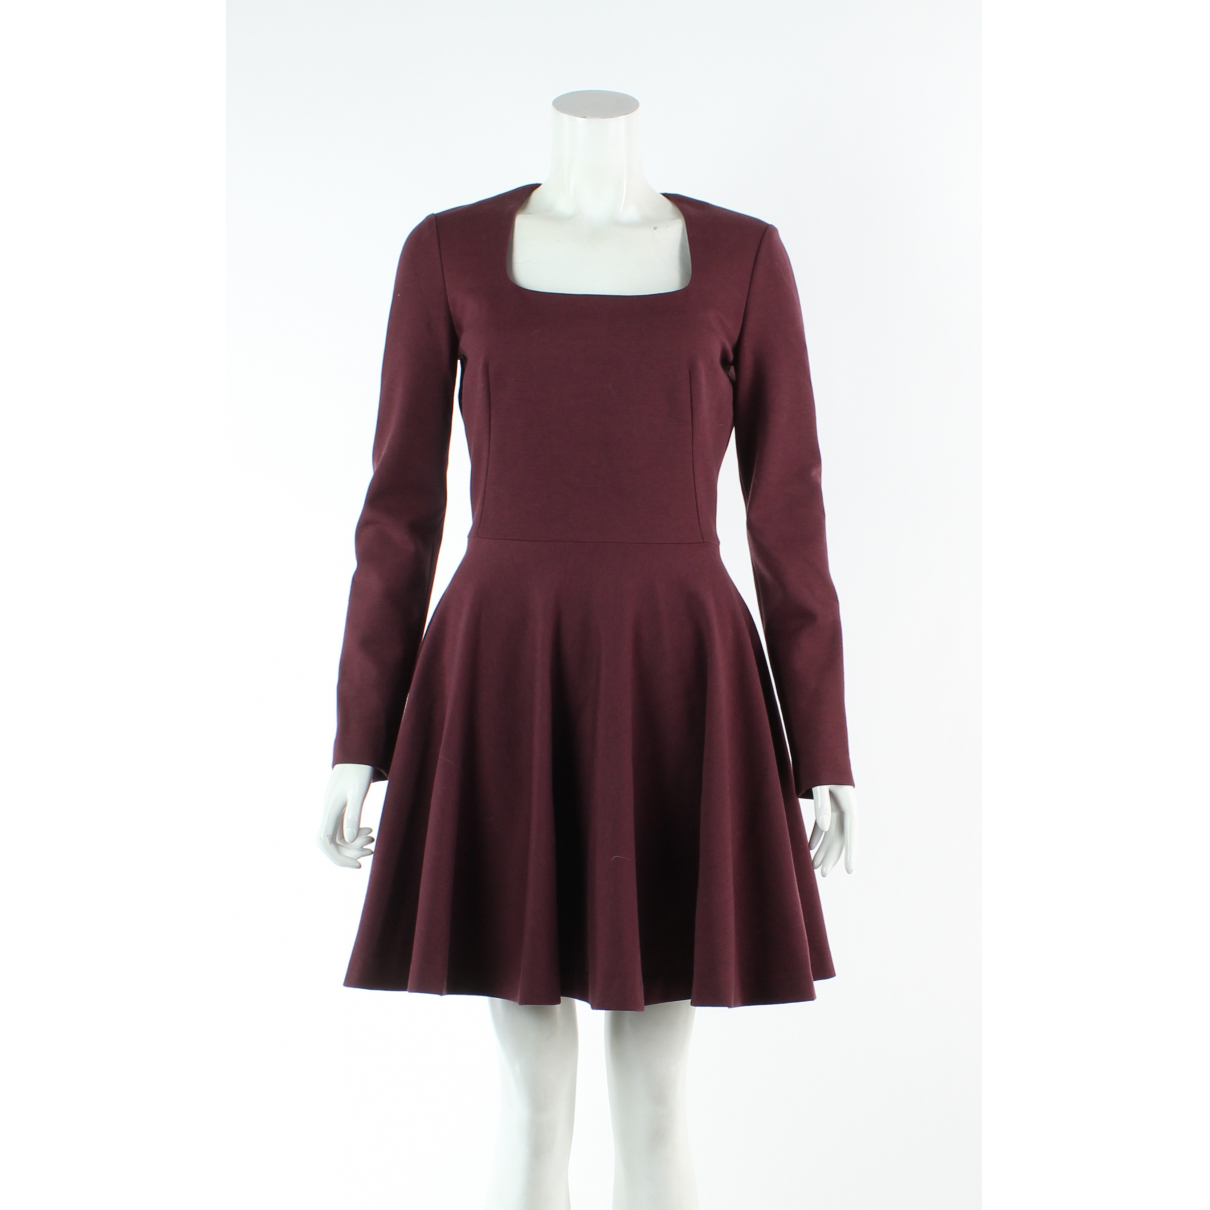 Alexander Mcqueen \N Burgundy Wool dress for Women 40 FR